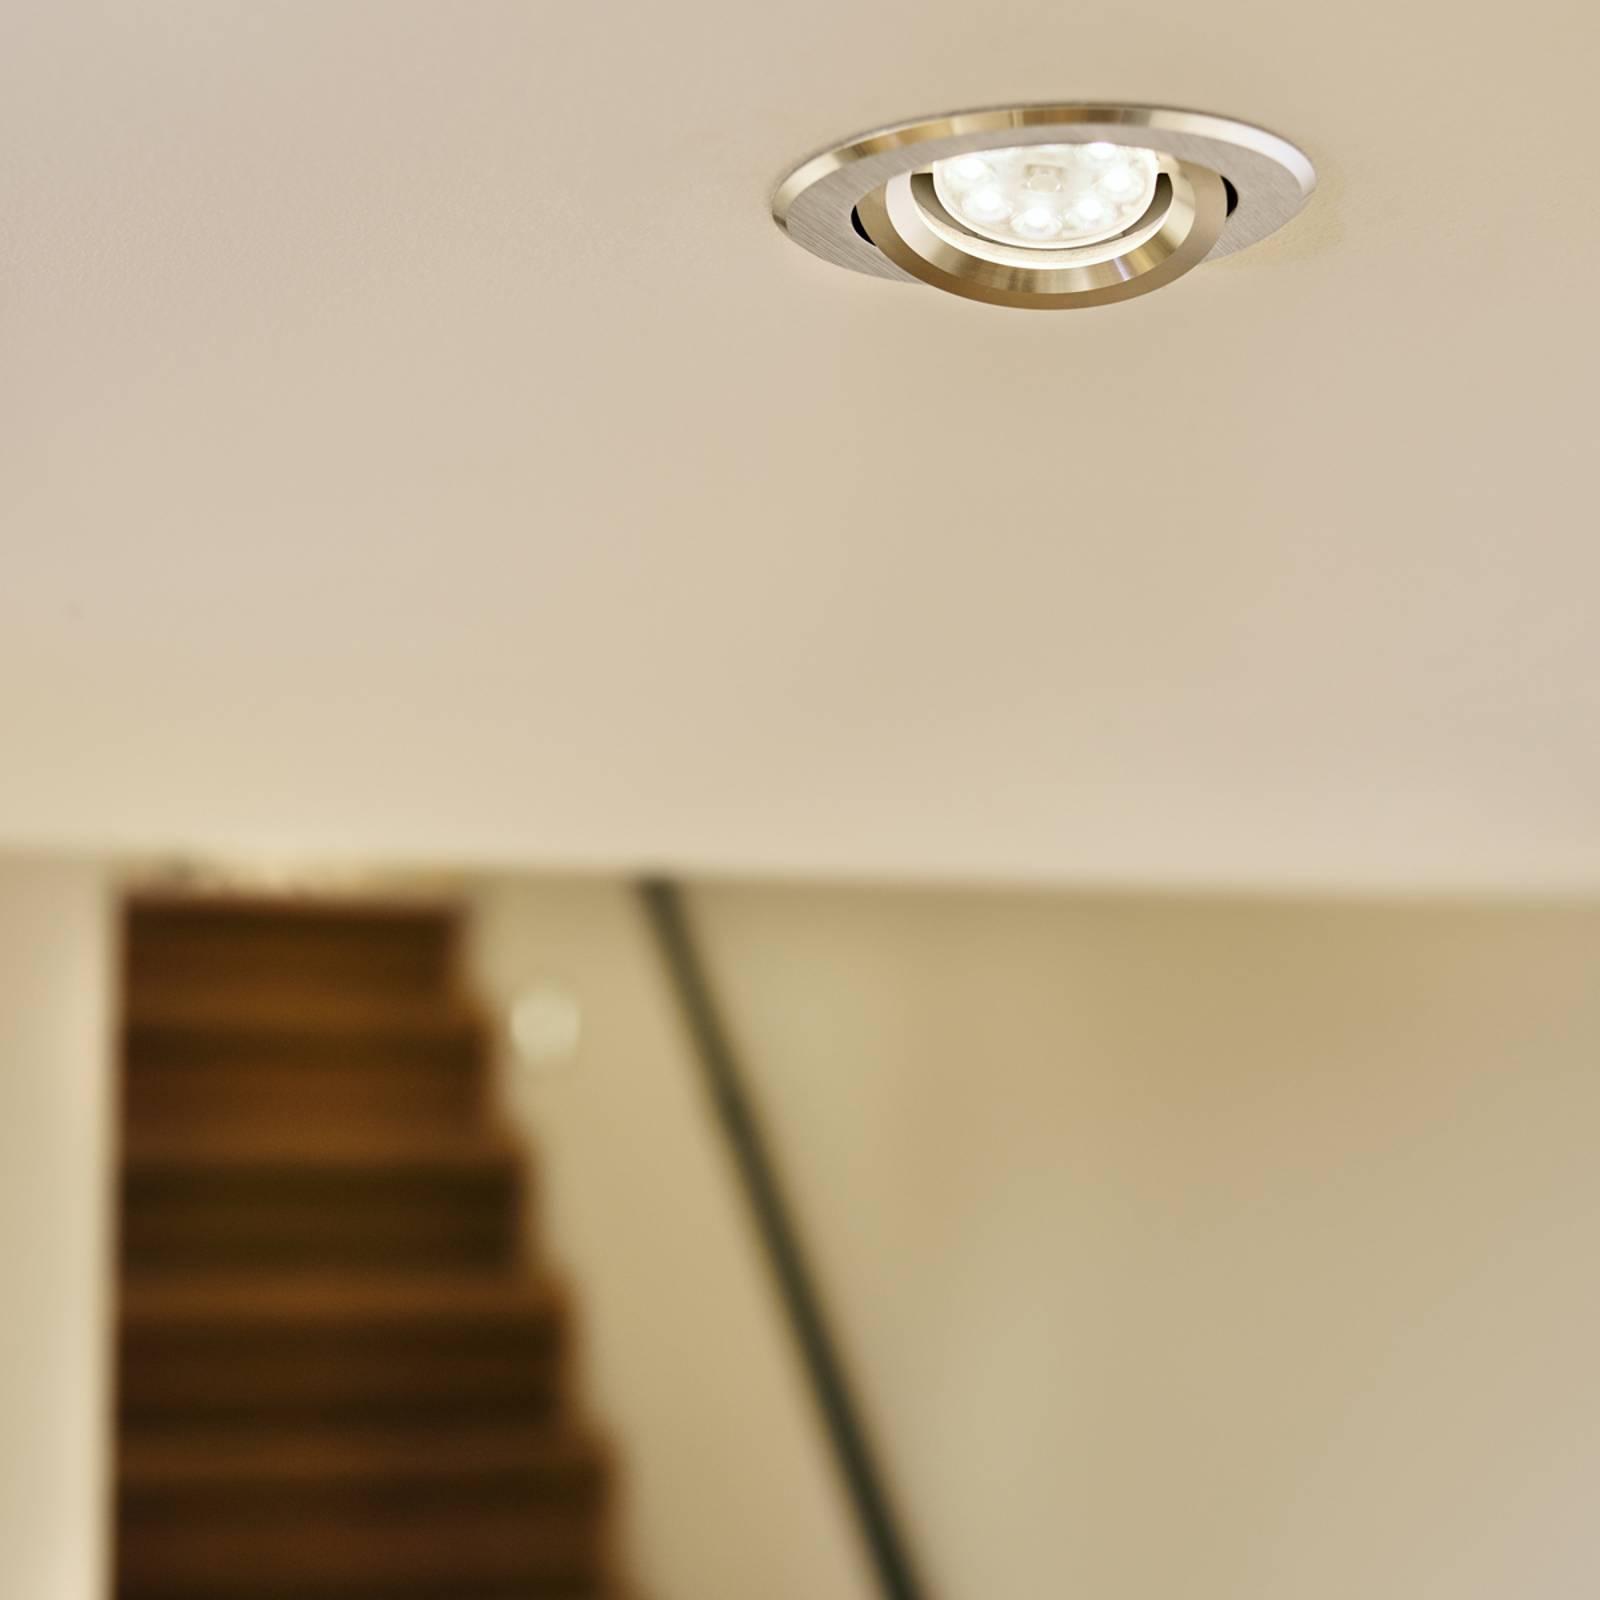 Riflettore a LED BT GU5,3 3W 827 36°